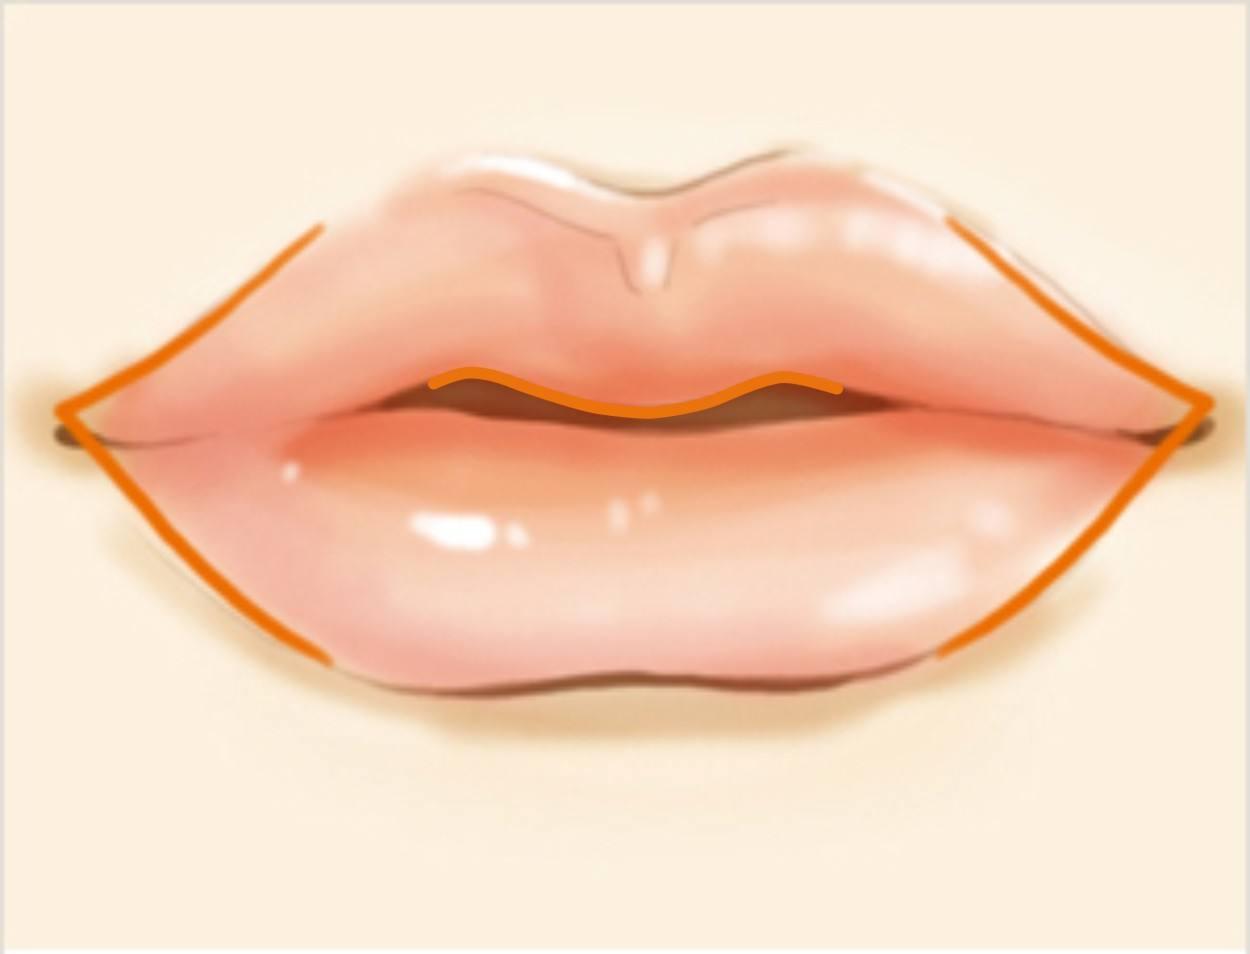 薄唇增厚术有哪几种手术